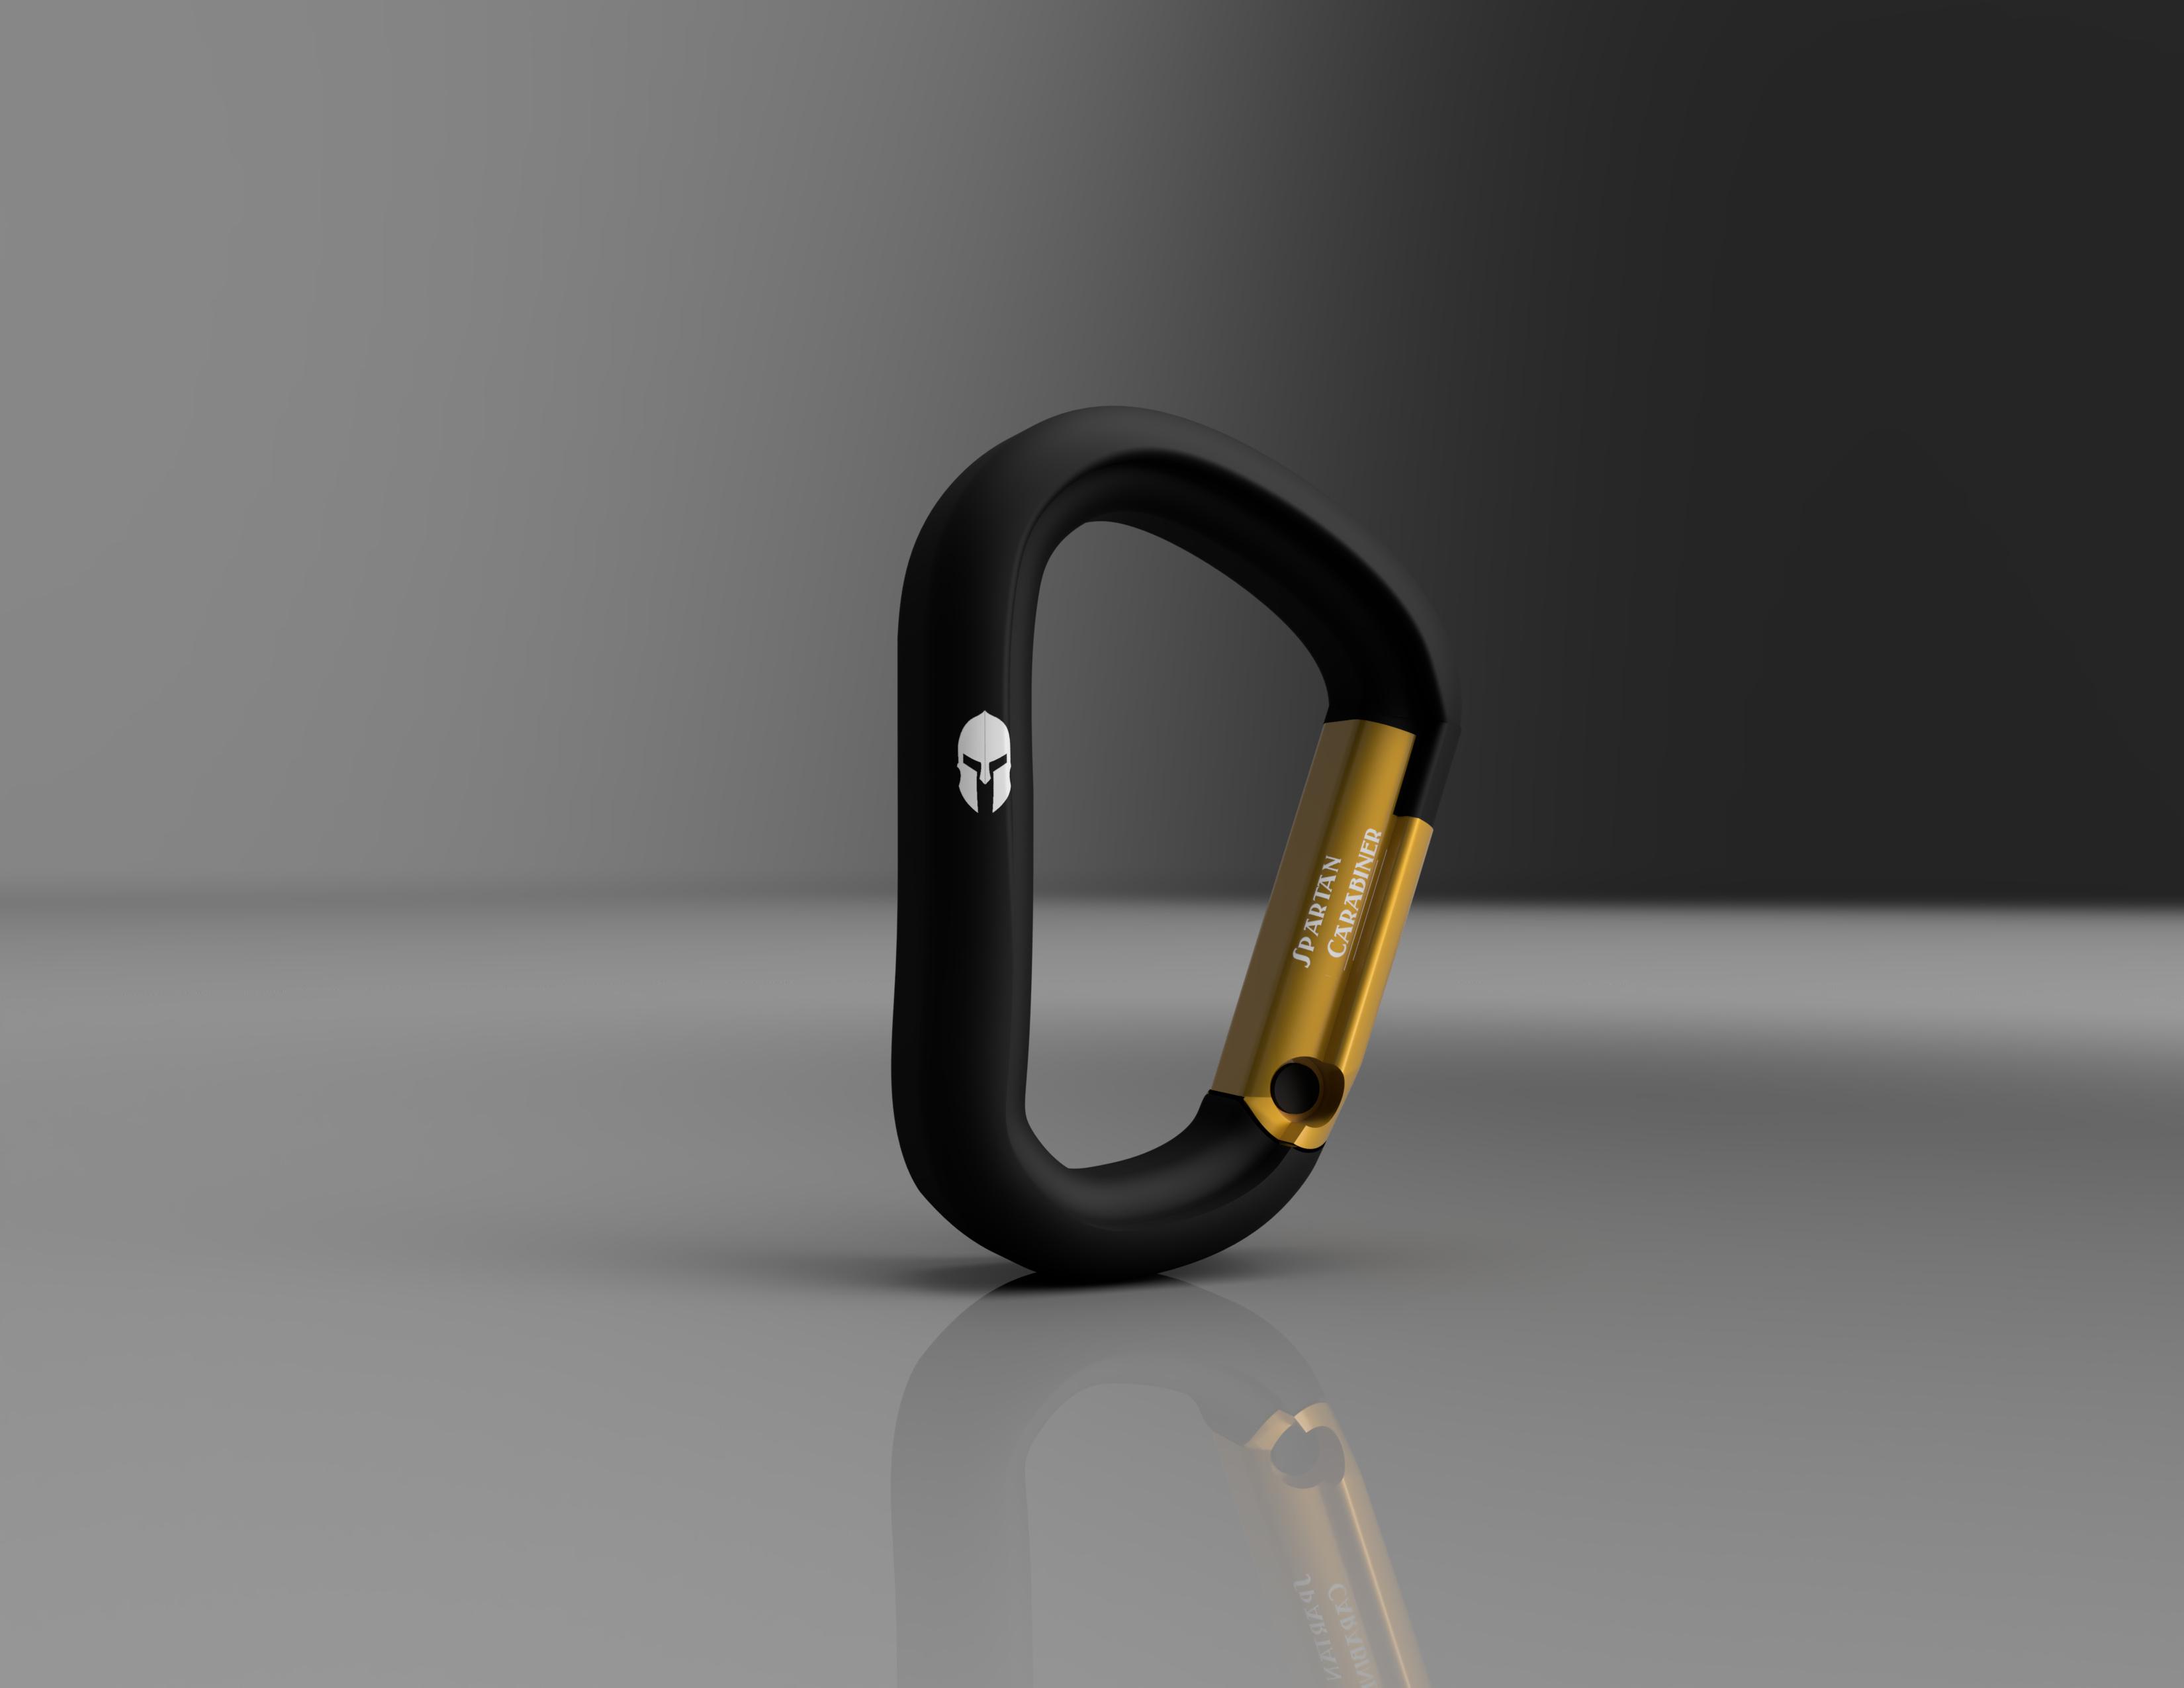 Mosqueton_Black_Diamong_2019-Oct-31_05-37-22AM-000_CustomizedView1676200639_jpg.jpg Download STL file Carabiner / Carabineer - Spartan Carabiner - • 3D printable design, CHKDesign